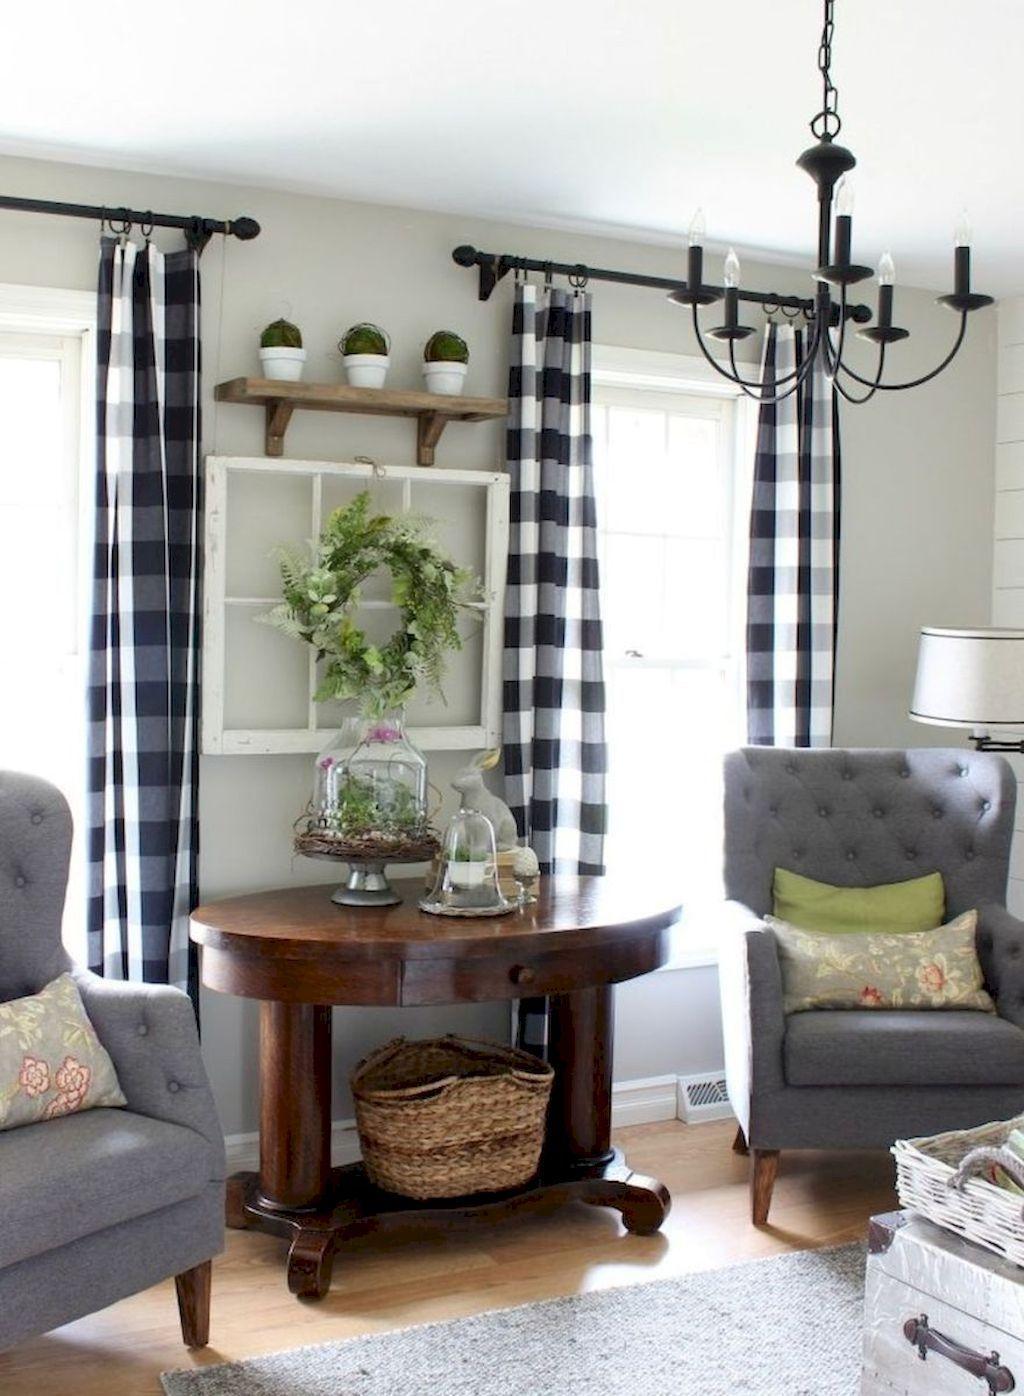 39 Cozy Modern Farmhouse Style Living Room Decor Ideas